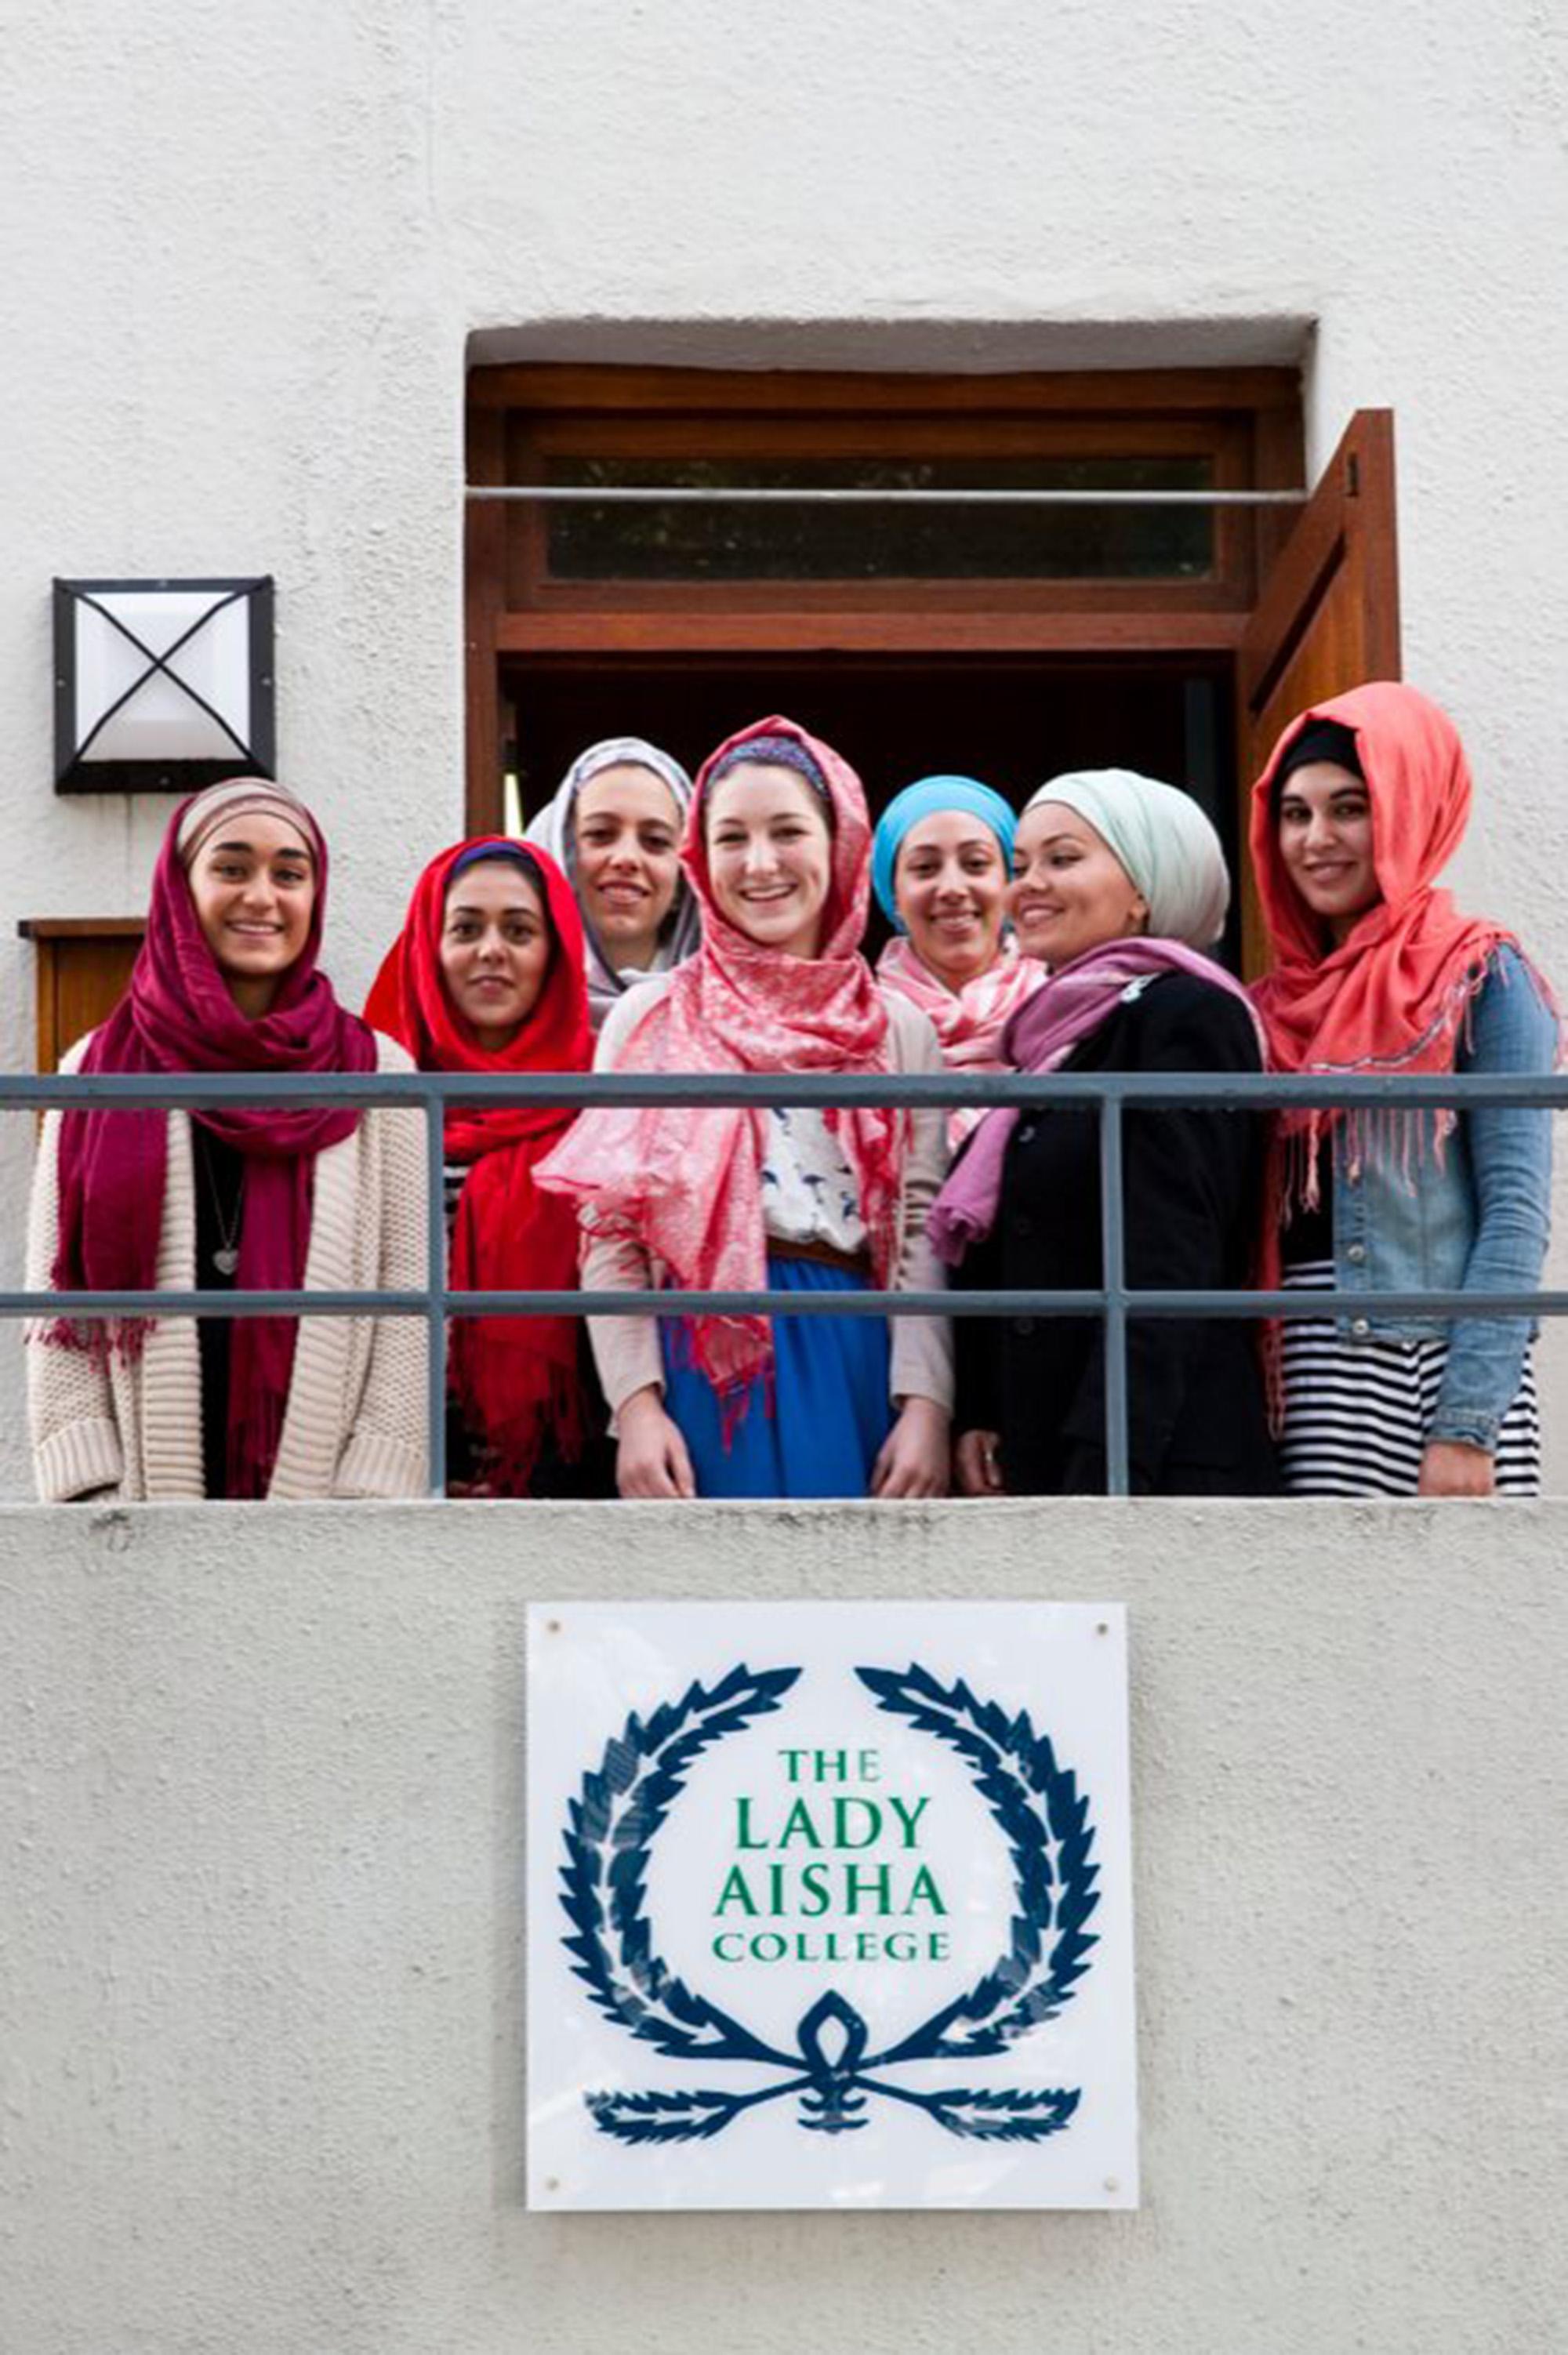 Lady Aisha College